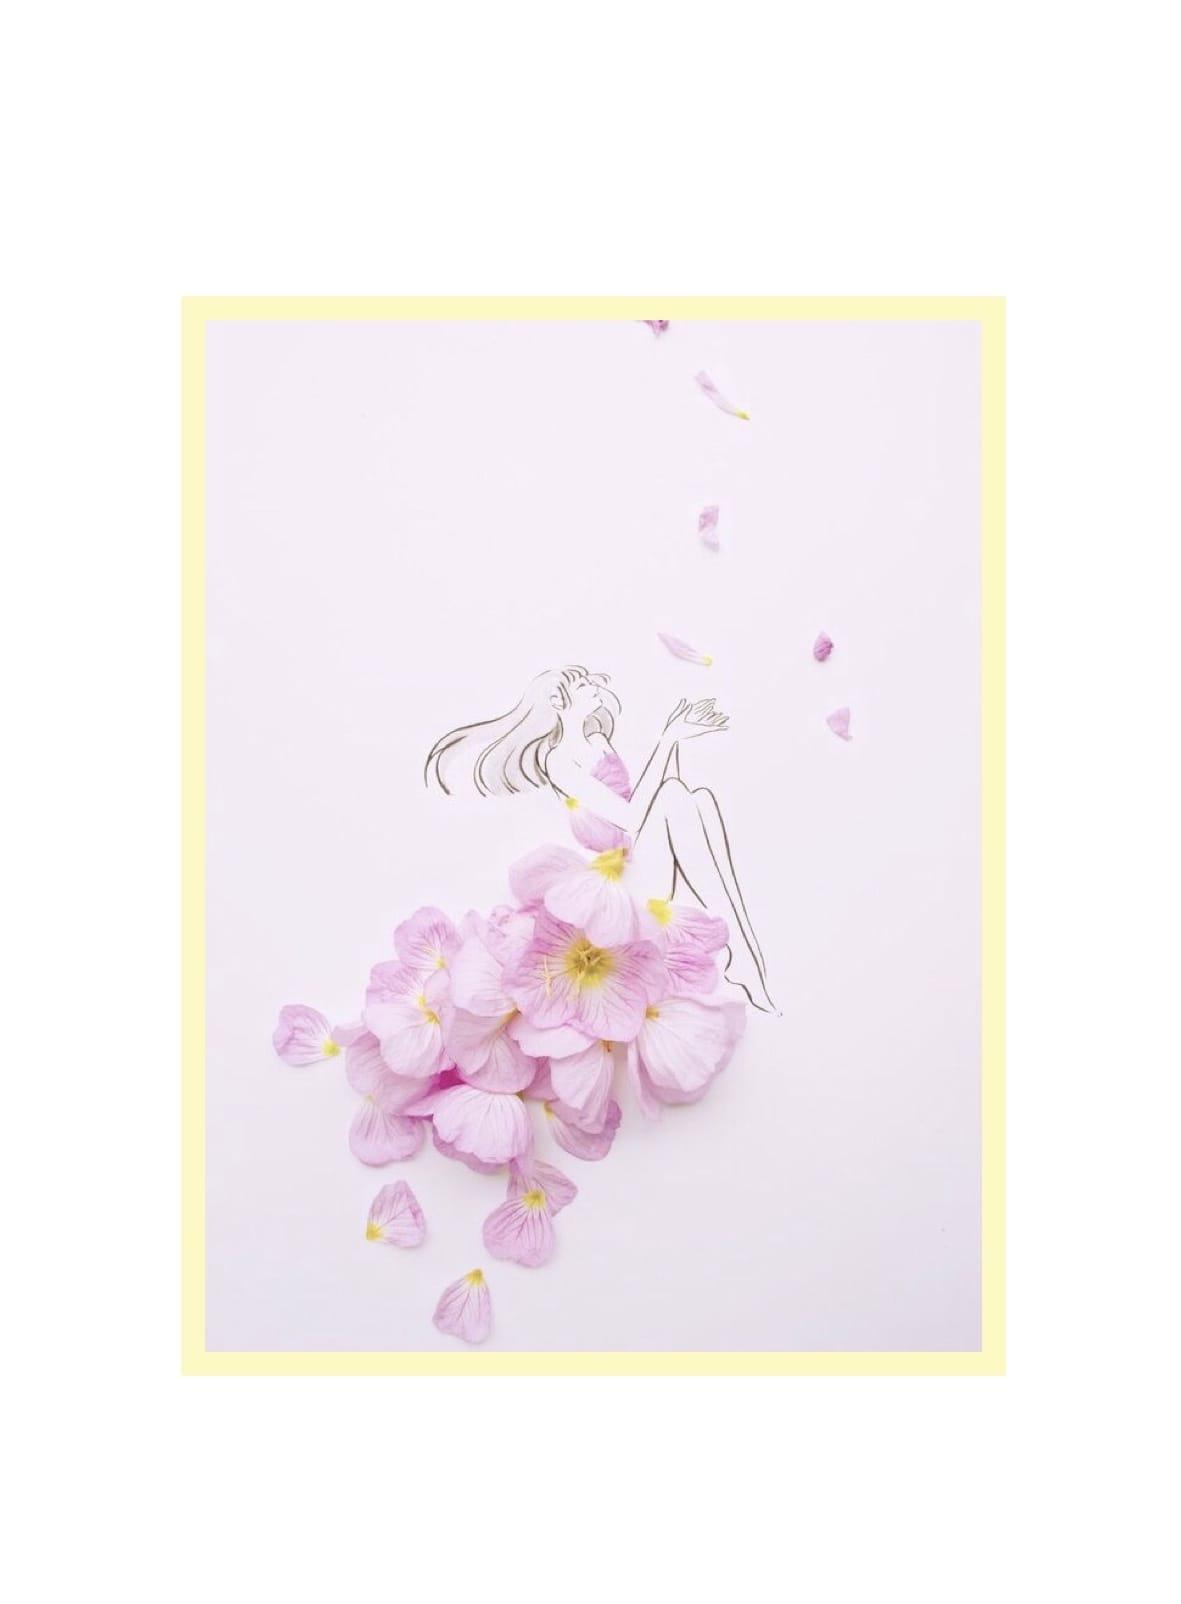 咲良 (さくら)・Bランク「26日♡完売お礼♡」02/27(土) 09:50 | 咲良 (さくら)・Bランクの写メ・風俗動画